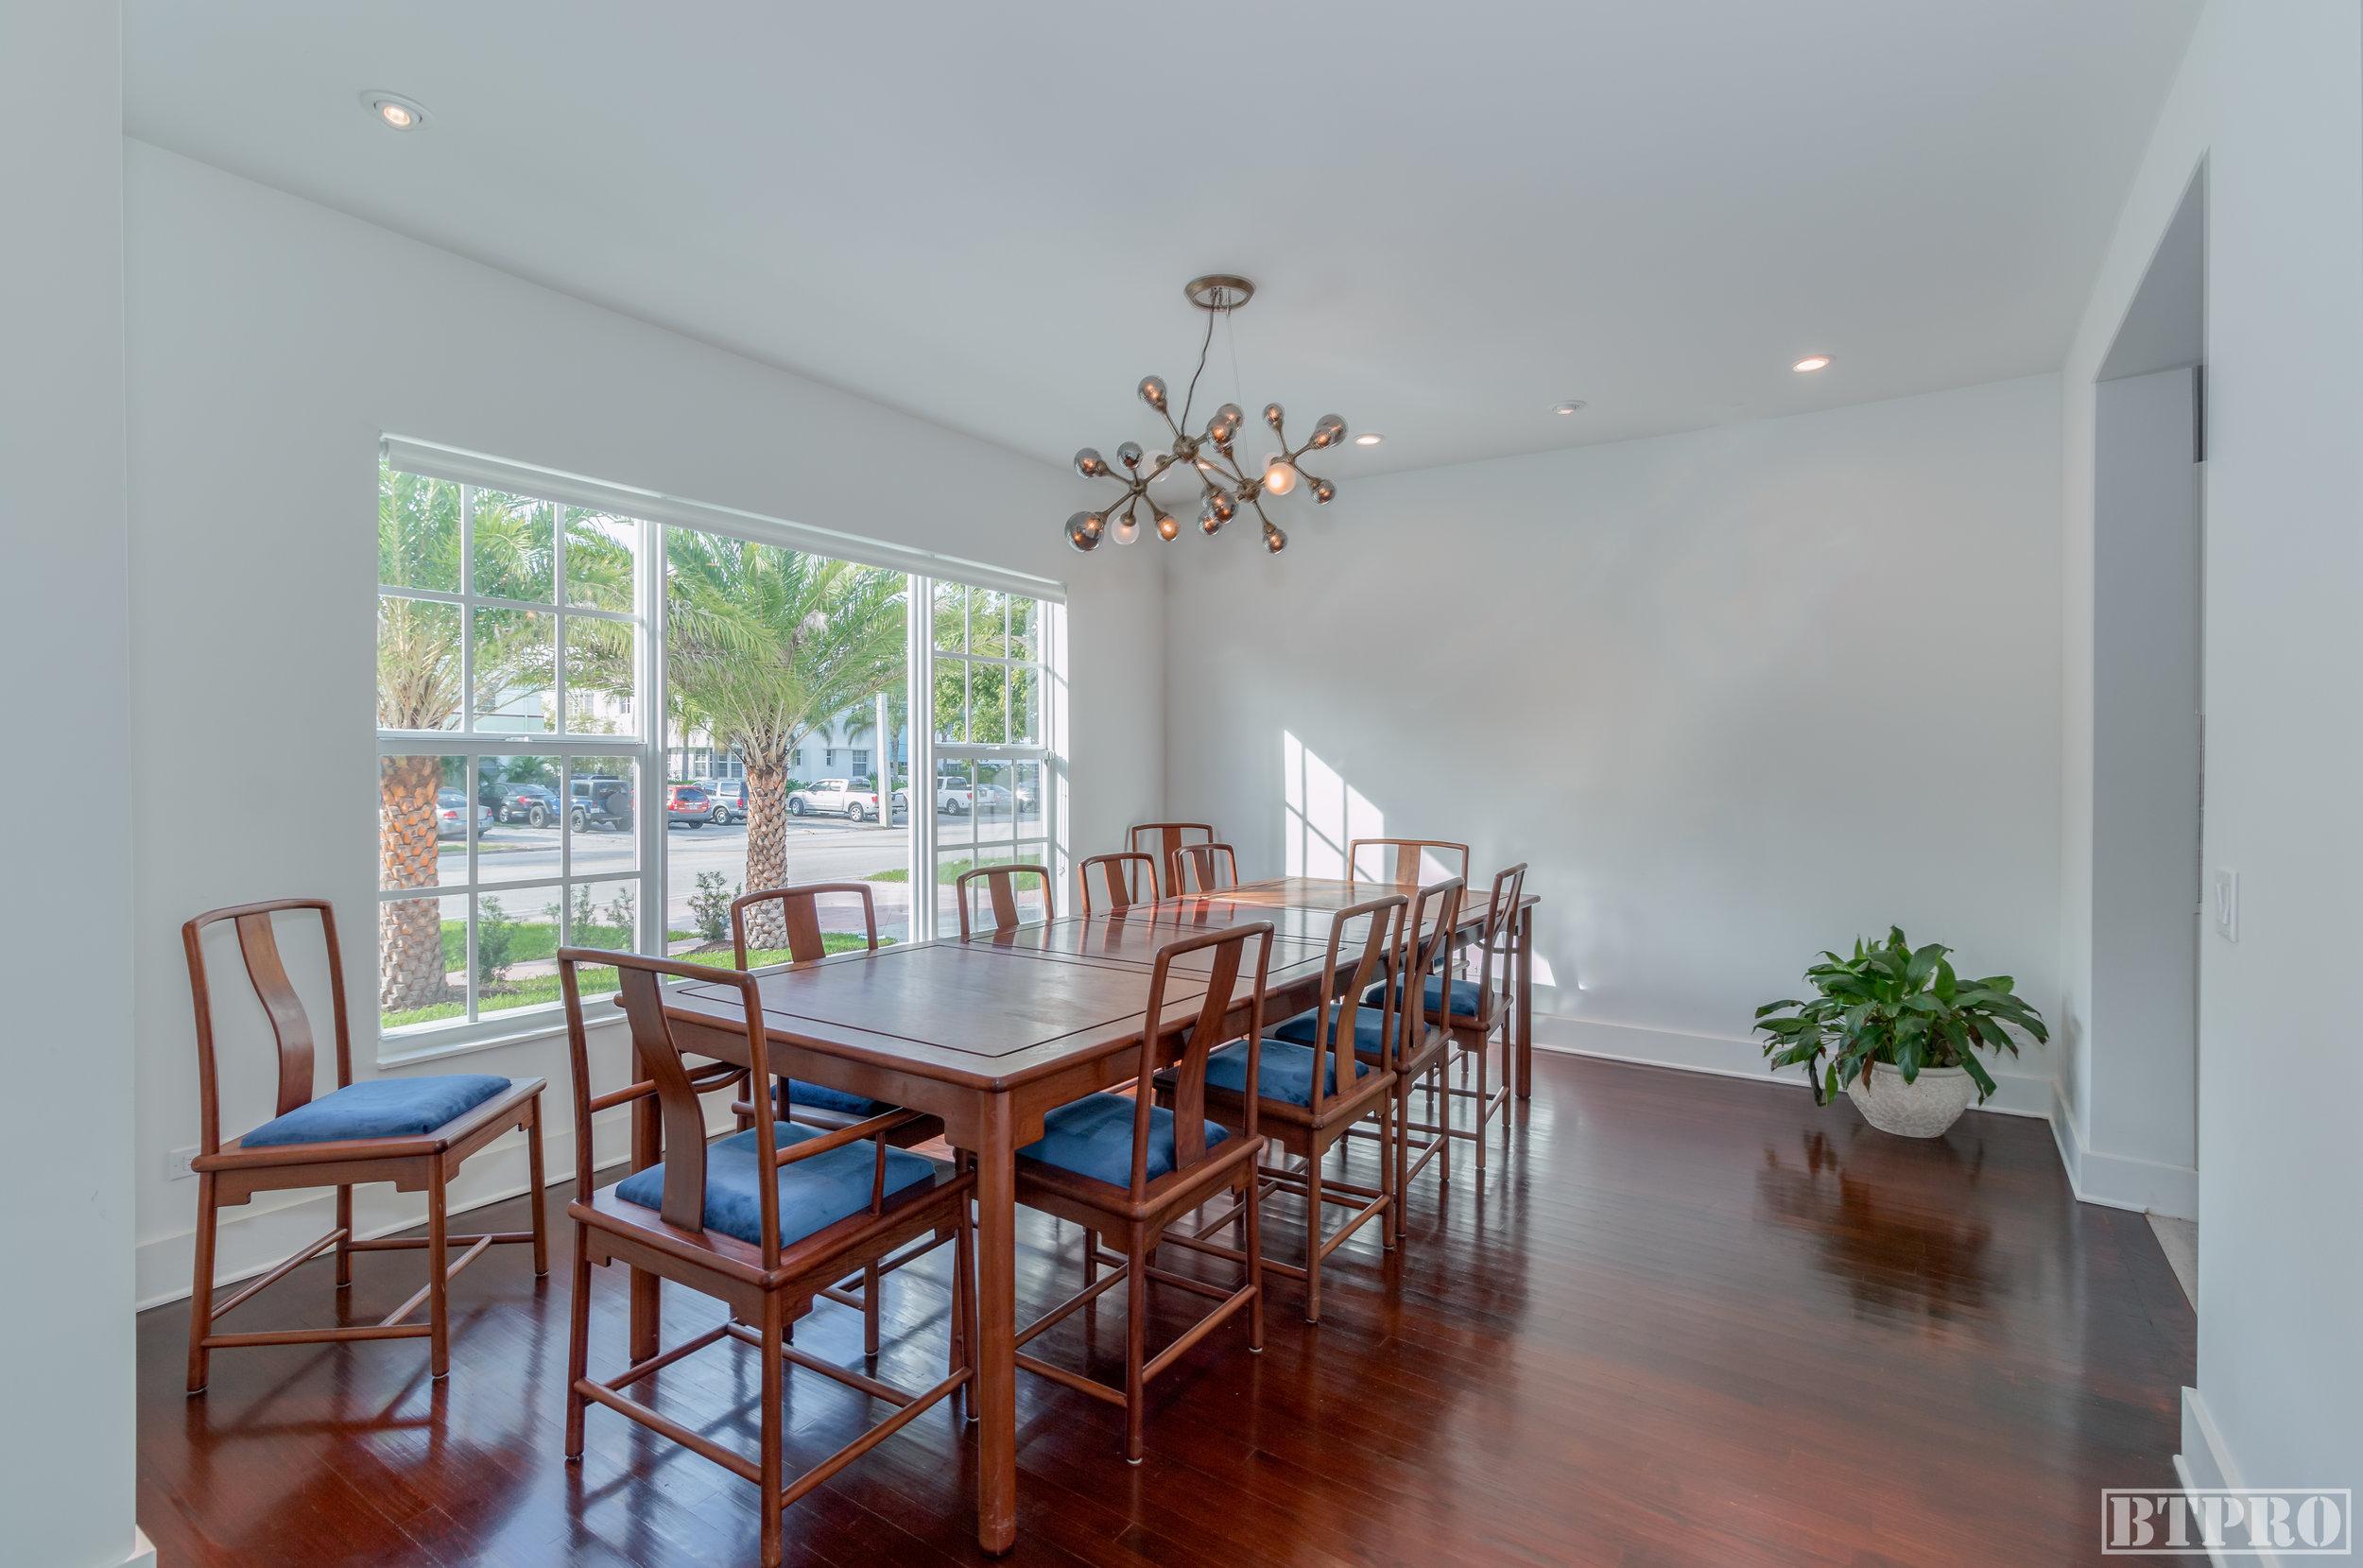 villa, luxury villa, miami, south beach, real estate, south beach real estate, realty, miami realty, real estate photo, real estate photography